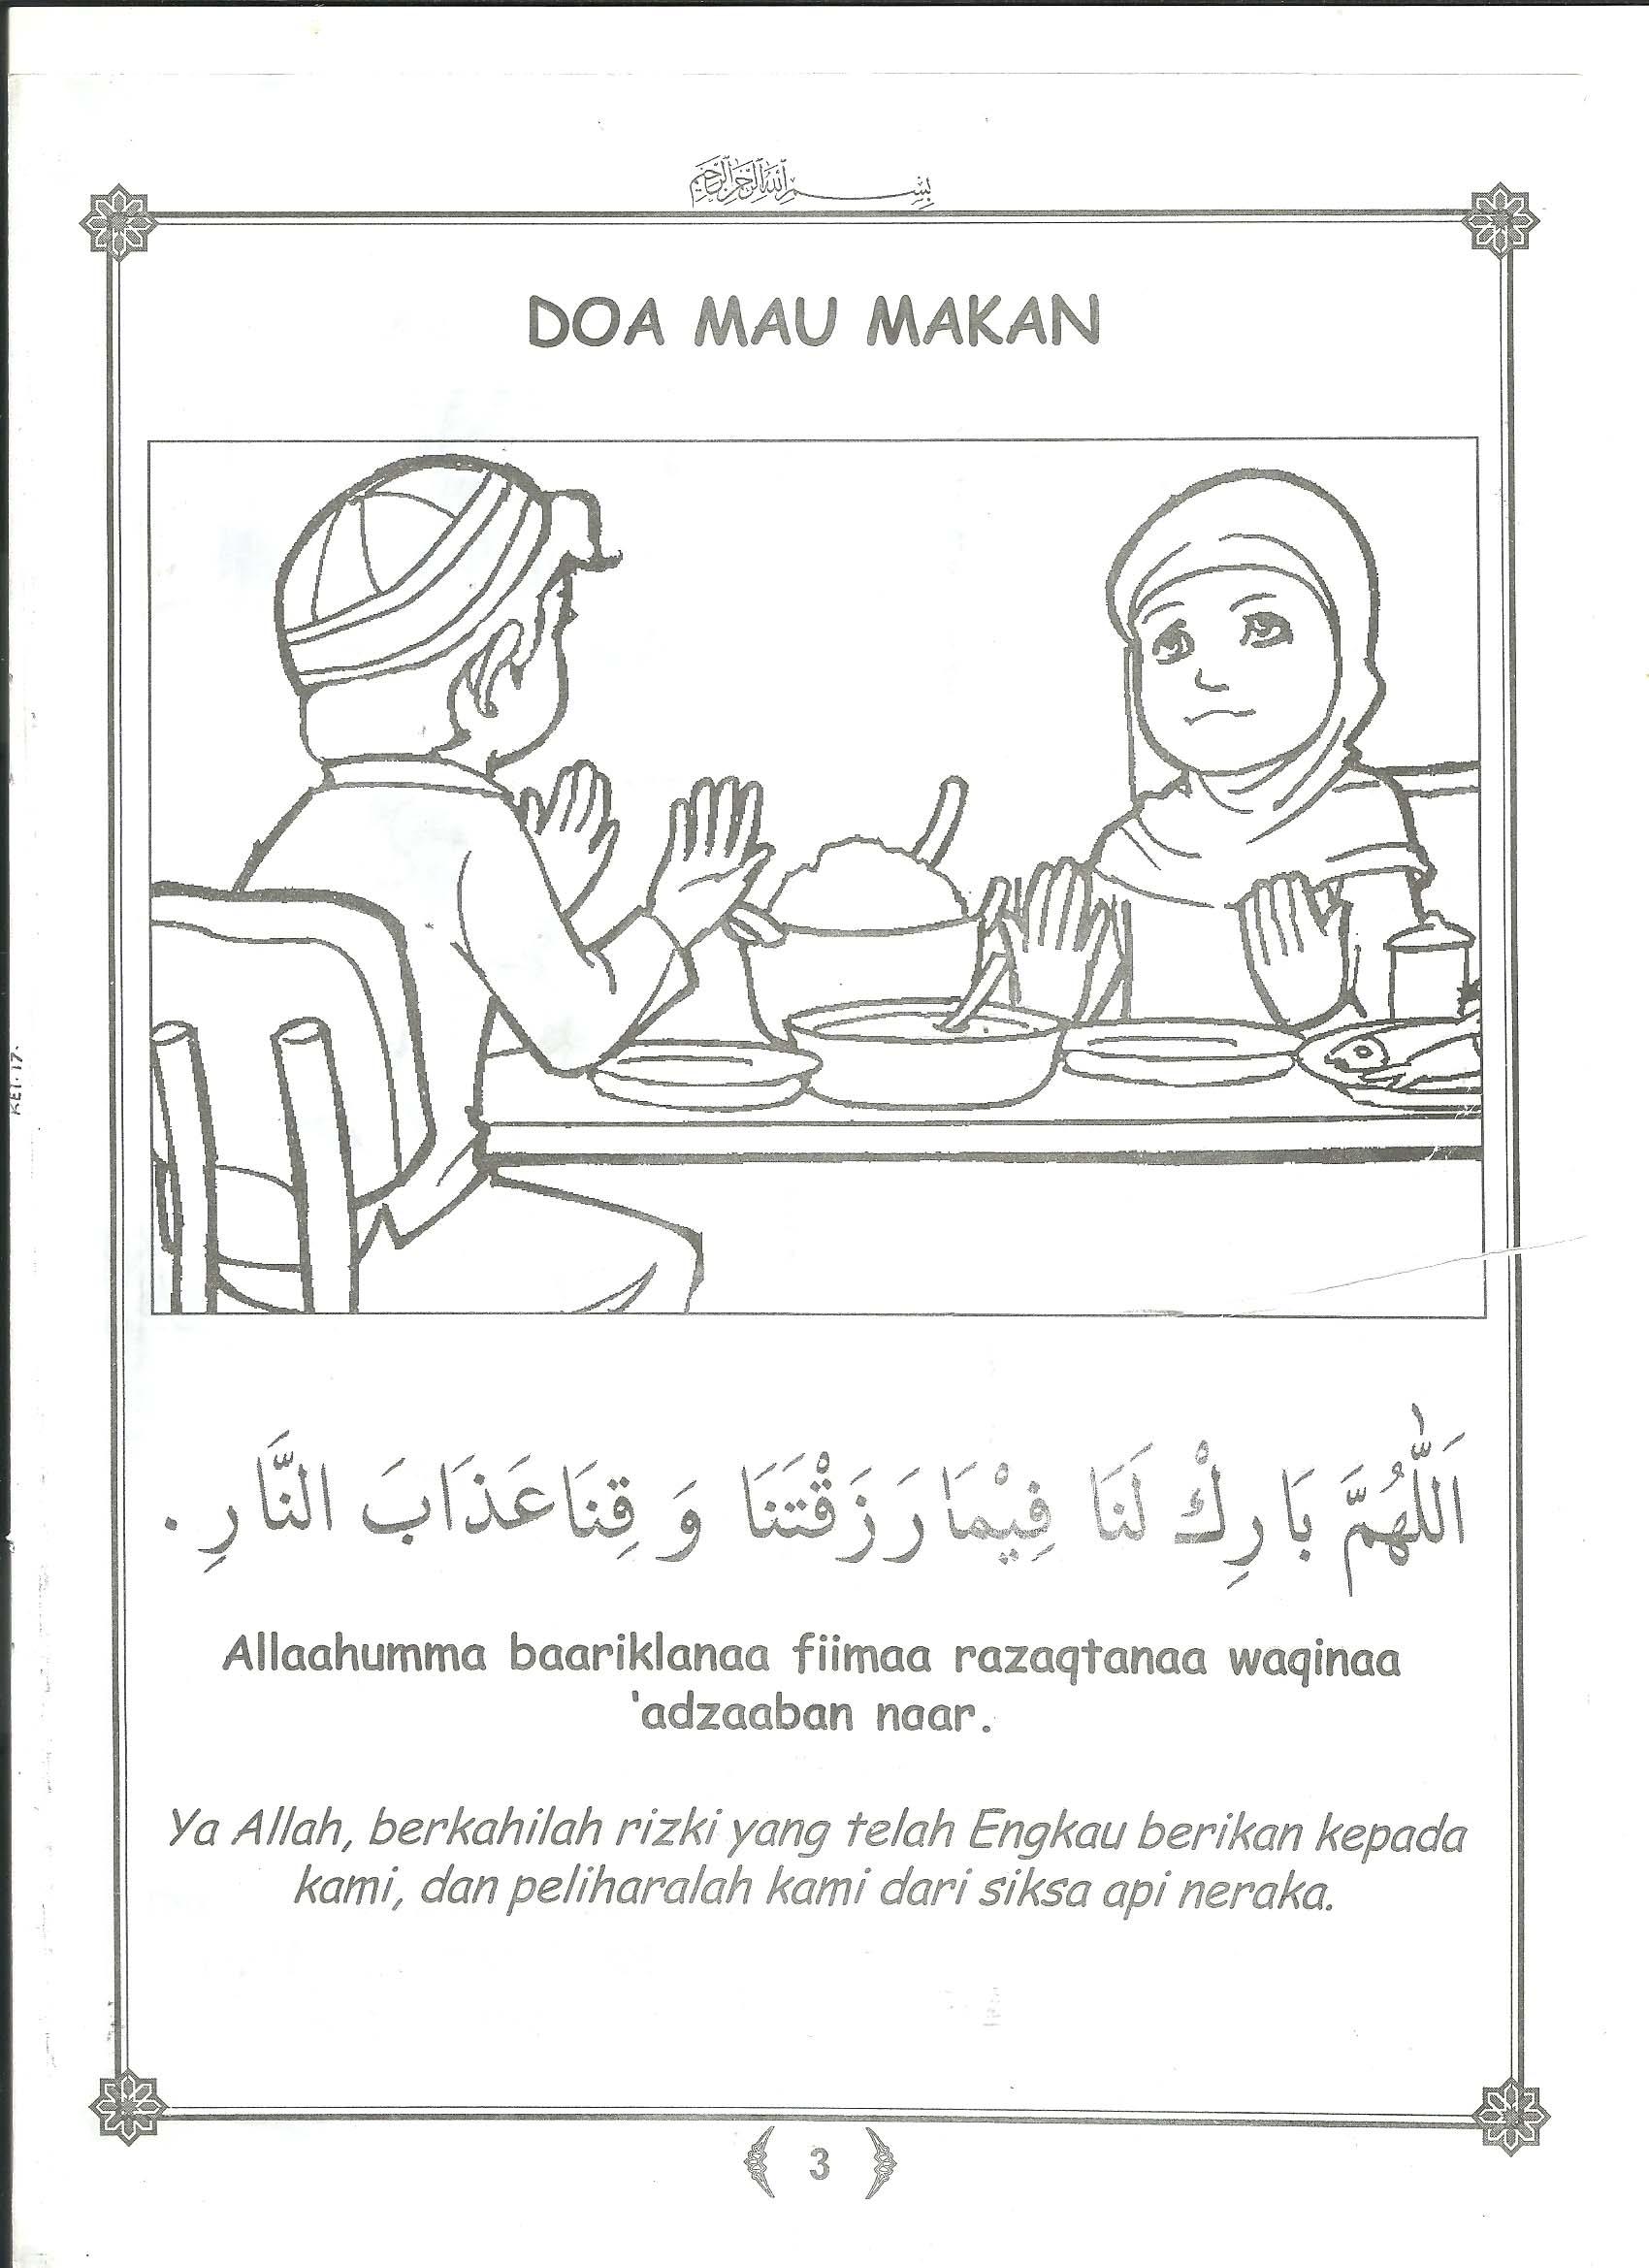 Gambar Anak Berdoa Sebelum Makan : gambar, berdoa, sebelum, makan, Gambar, Kartun, Makan, Aliansi